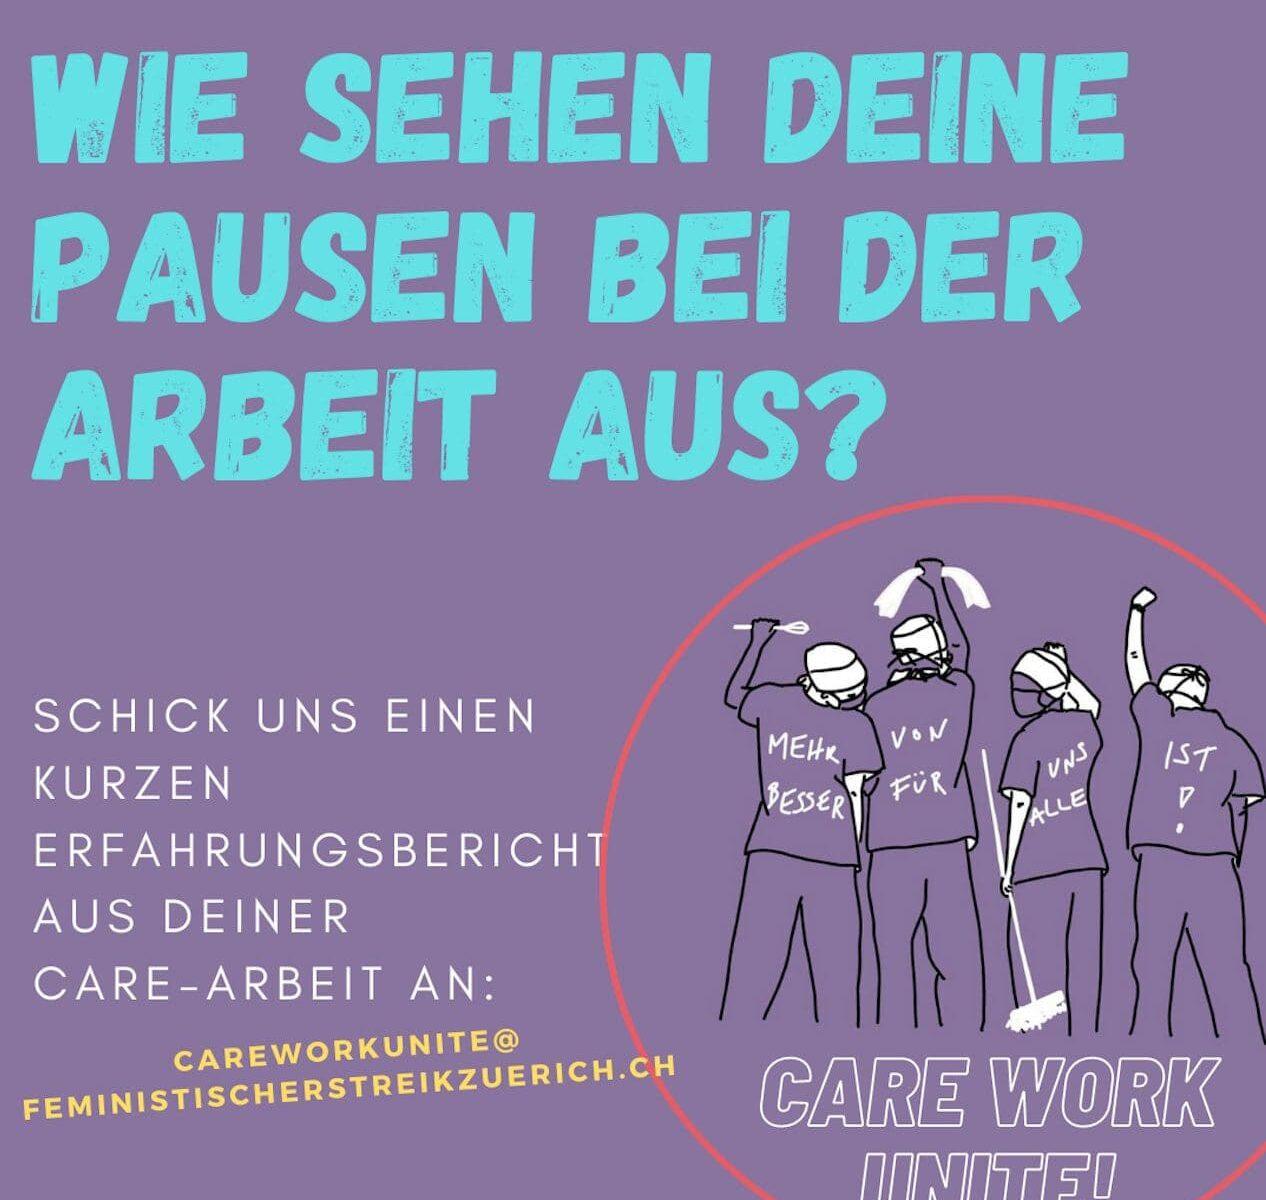 """Violettes Bild mit Care Worker*innen, betitelt mit """"Wie sehen deine Pausen bei der Arbeit aus?"""""""